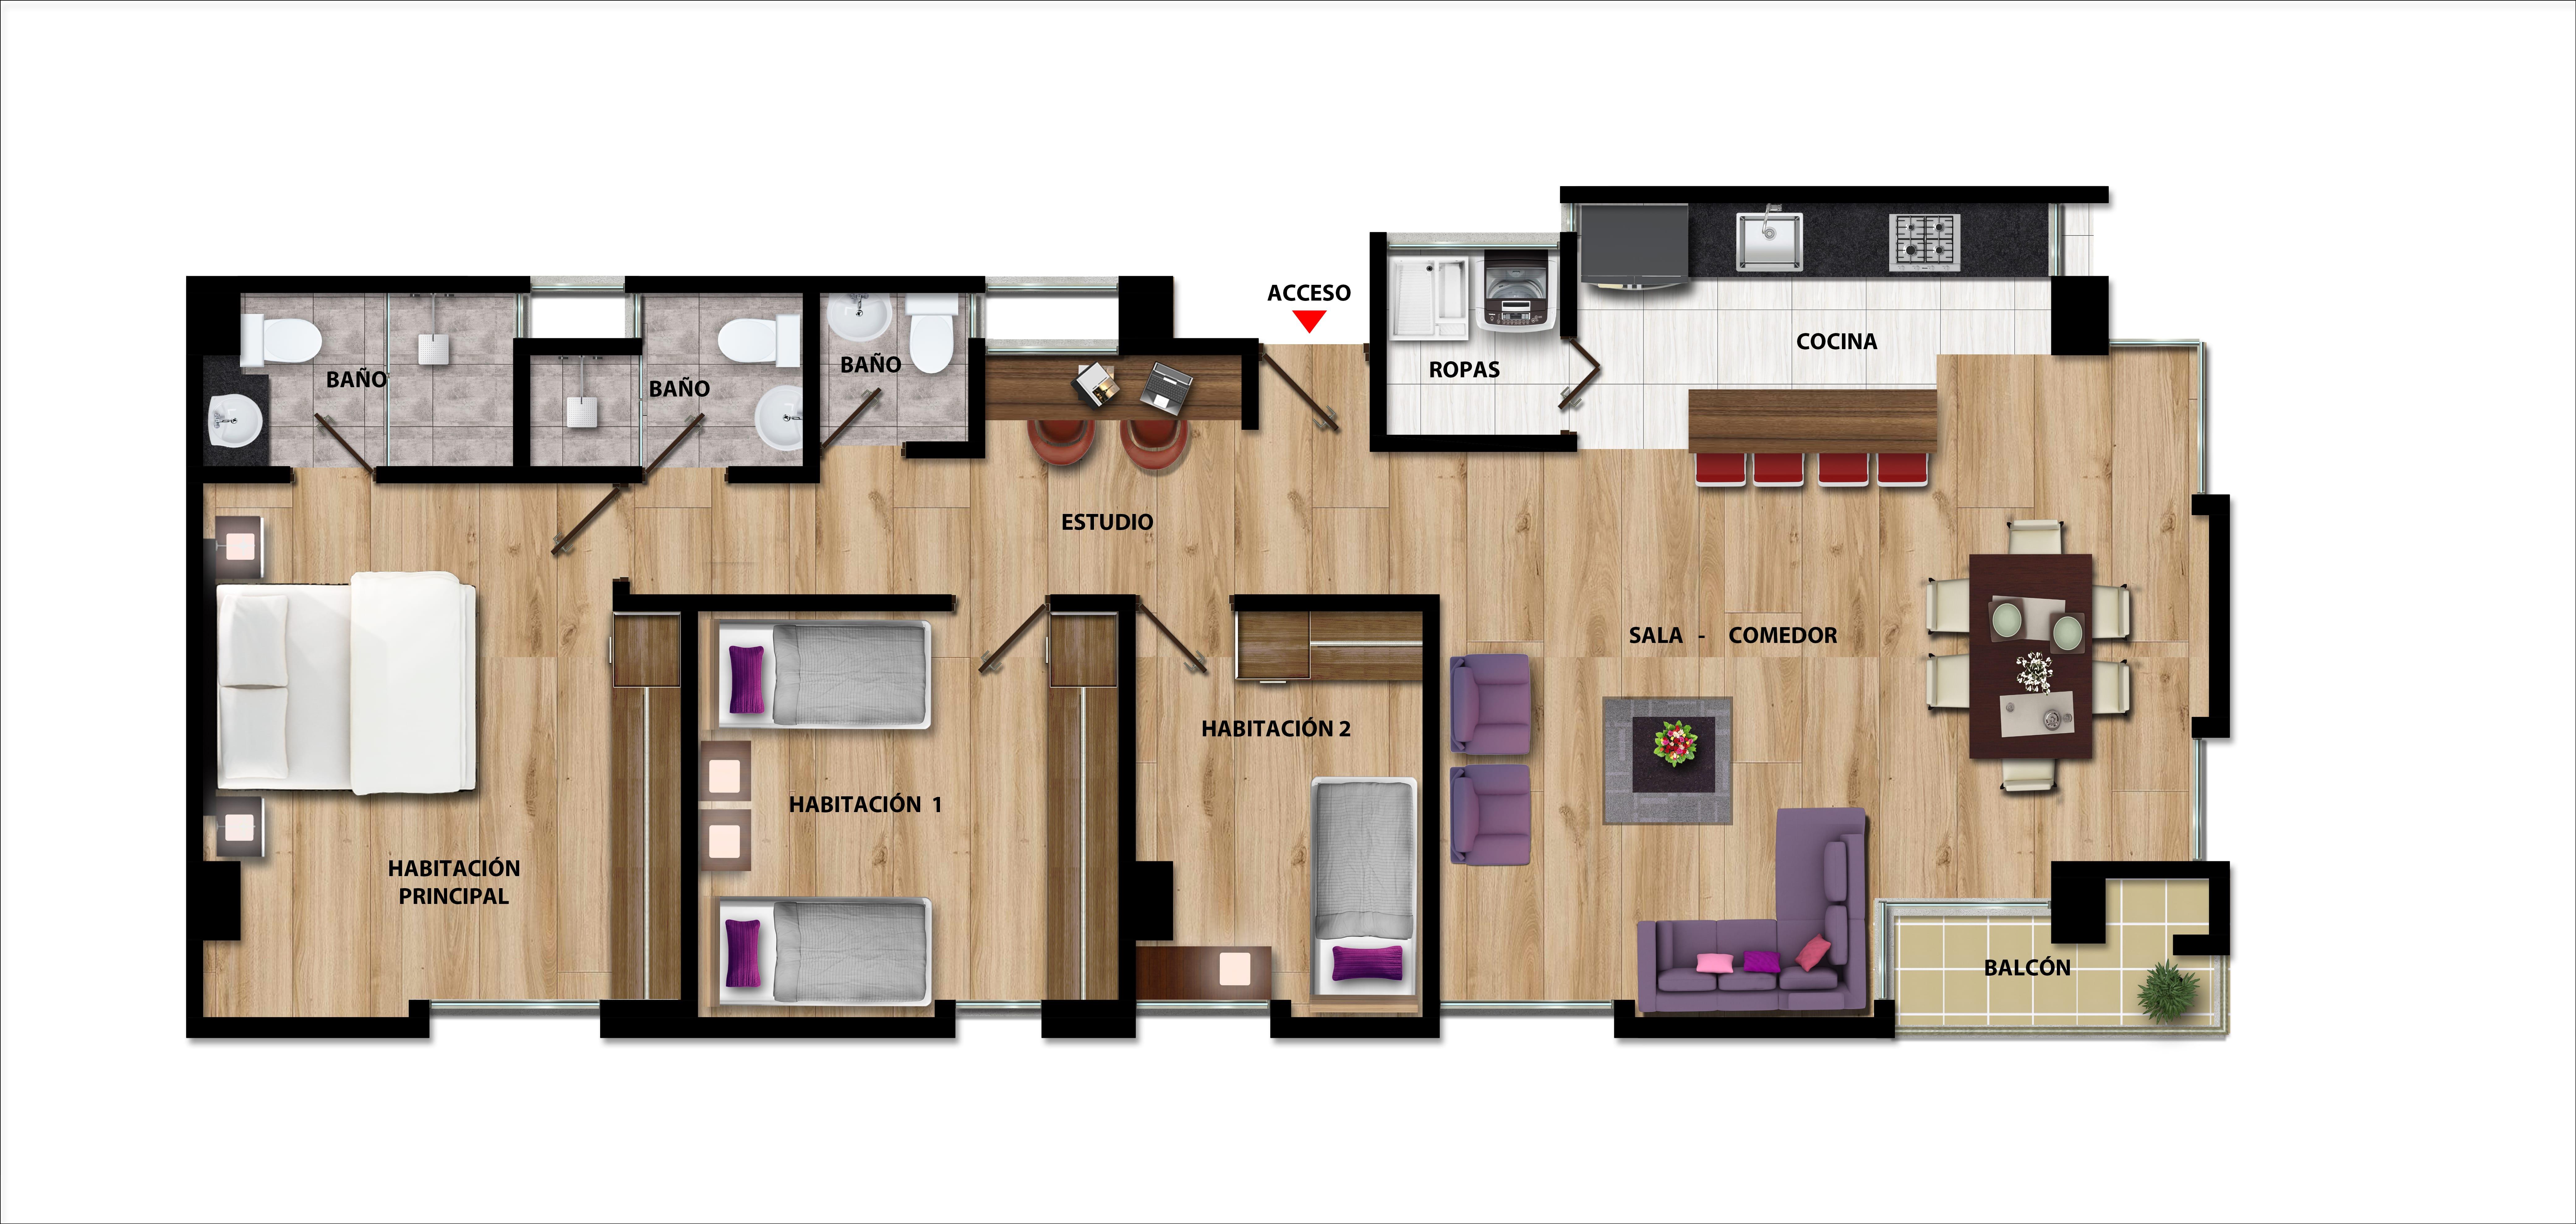 Plano apartamentos Pisos 7o y 8o